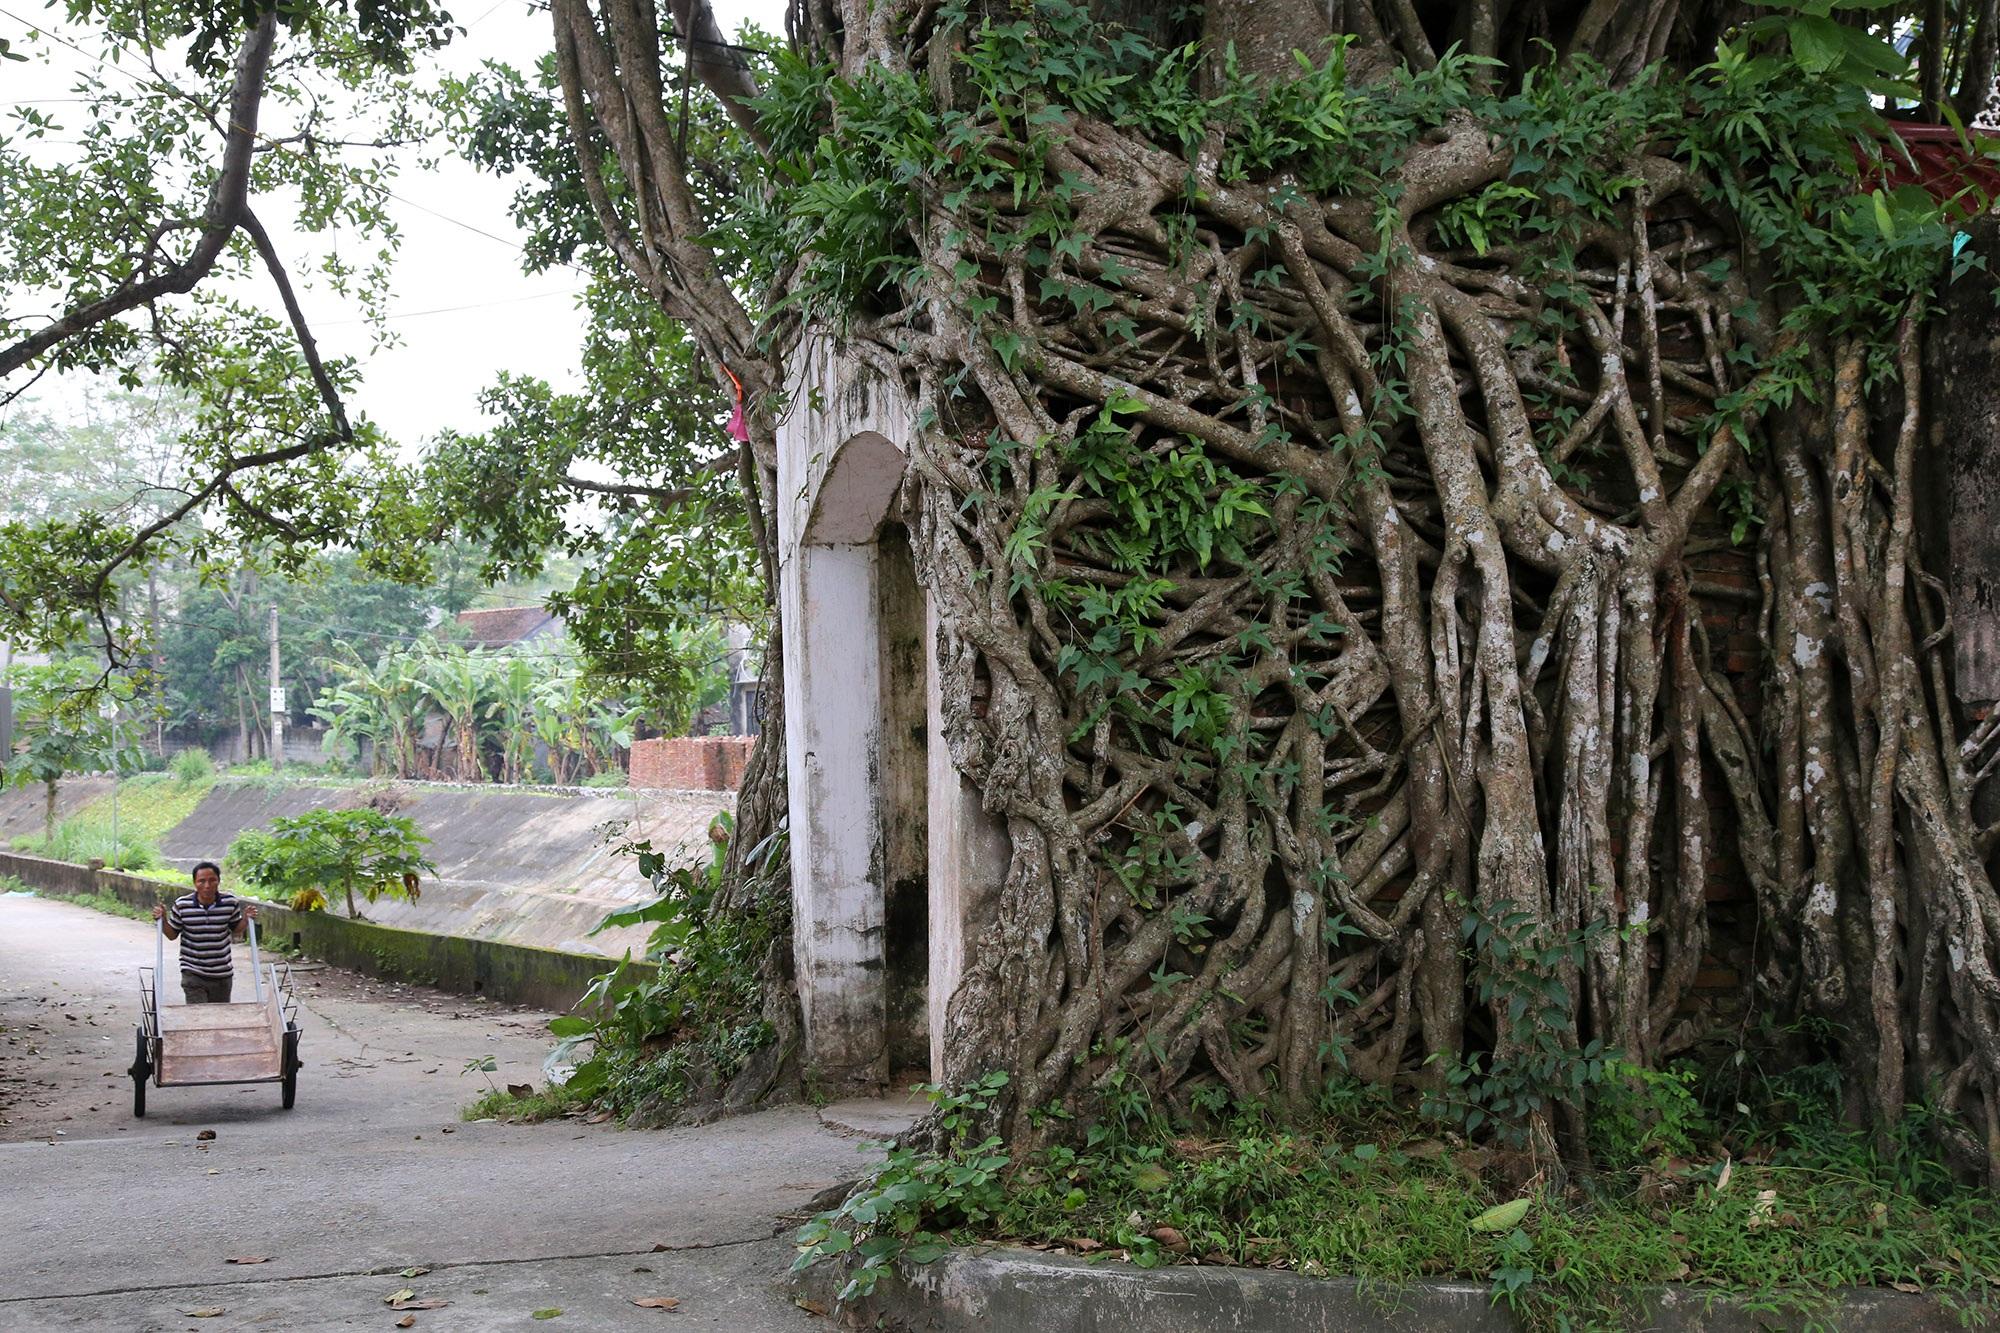 Lạc bước qua những kiệt tác cổng làng từ rễ cây độc đáo tại Bắc bộ - 3